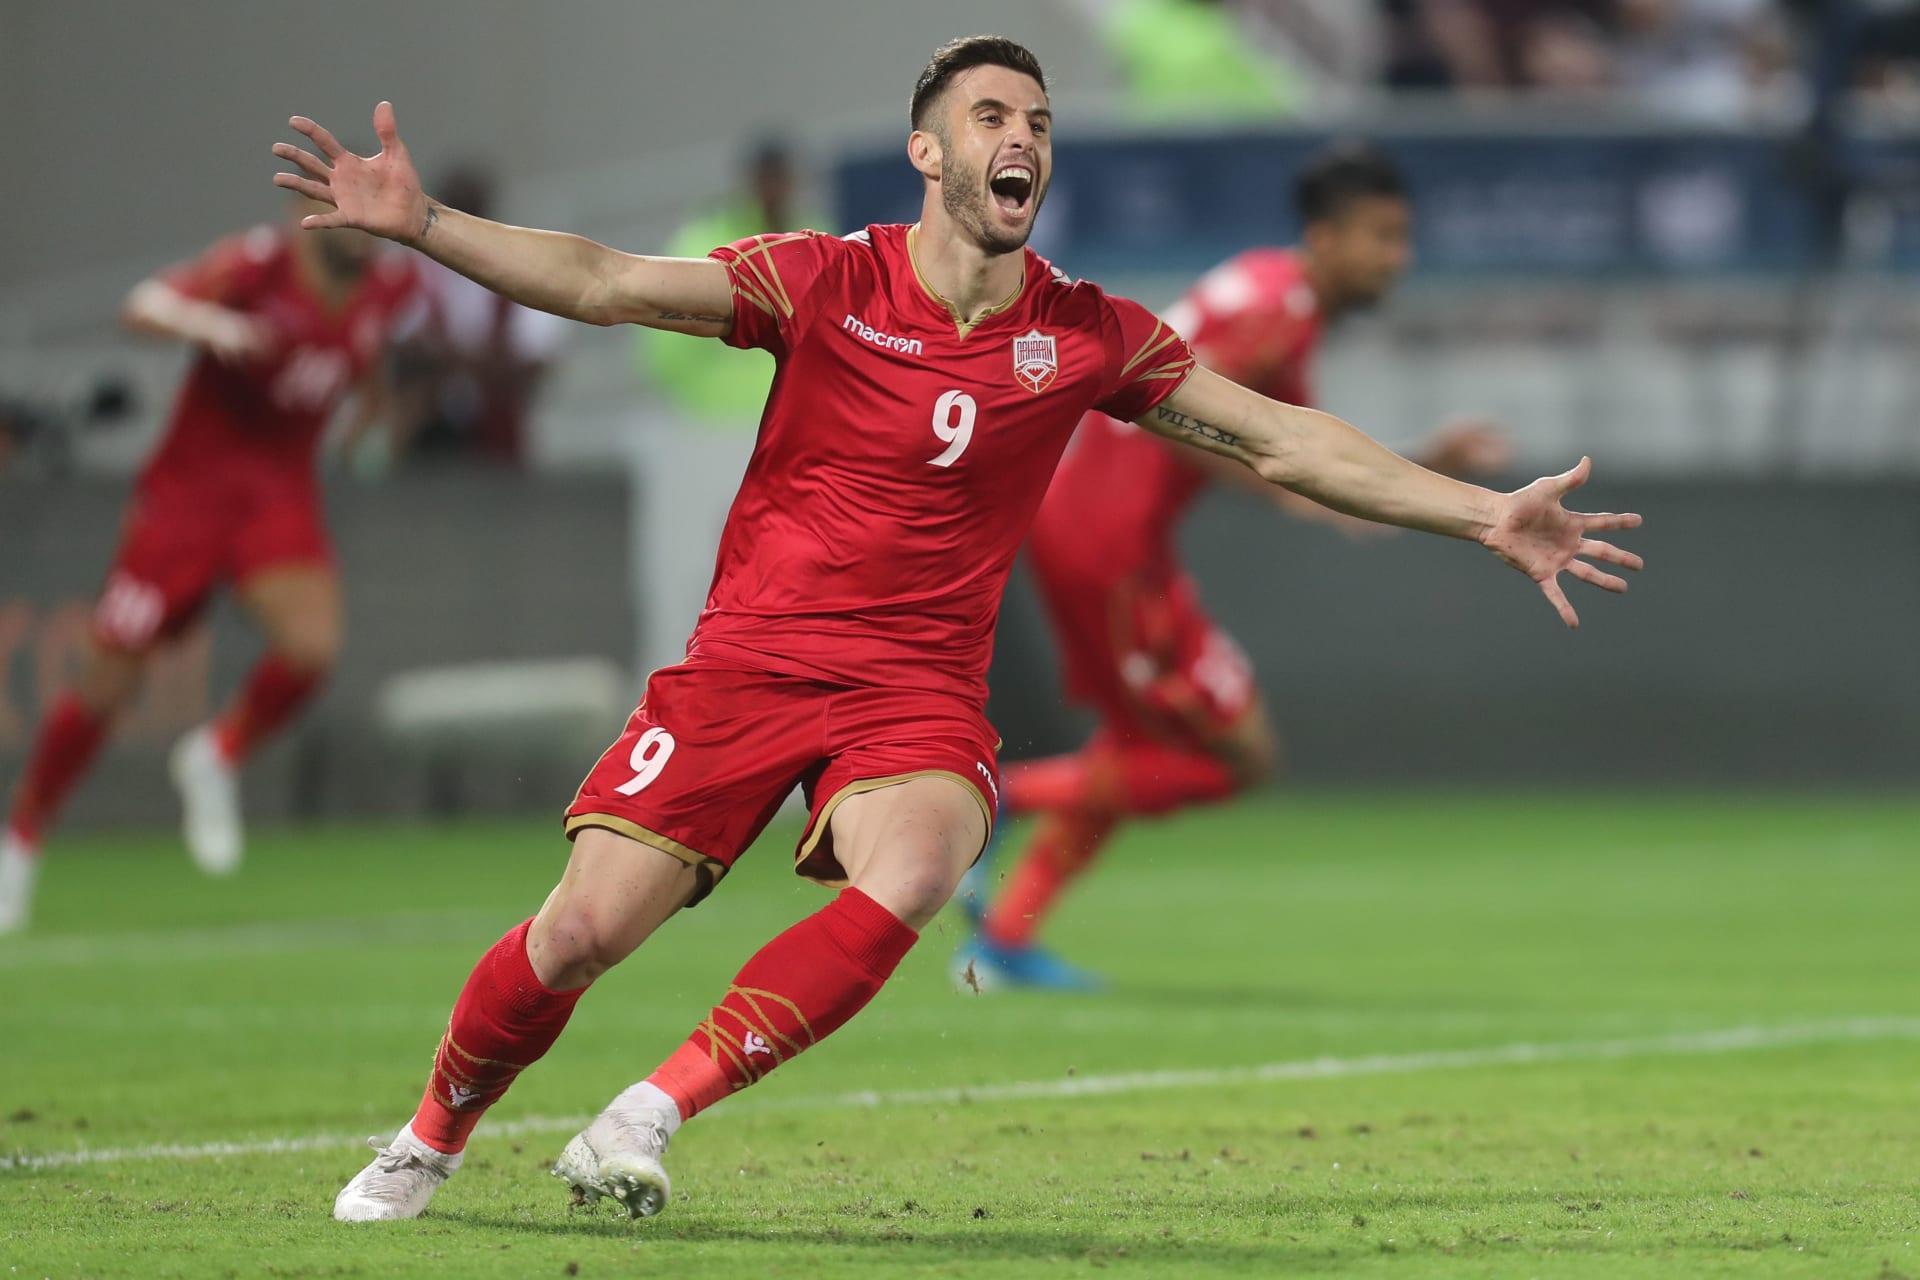 لأول مرة في التاريخ.. البحرين بطلة لكأس الخليج 24 في قطر